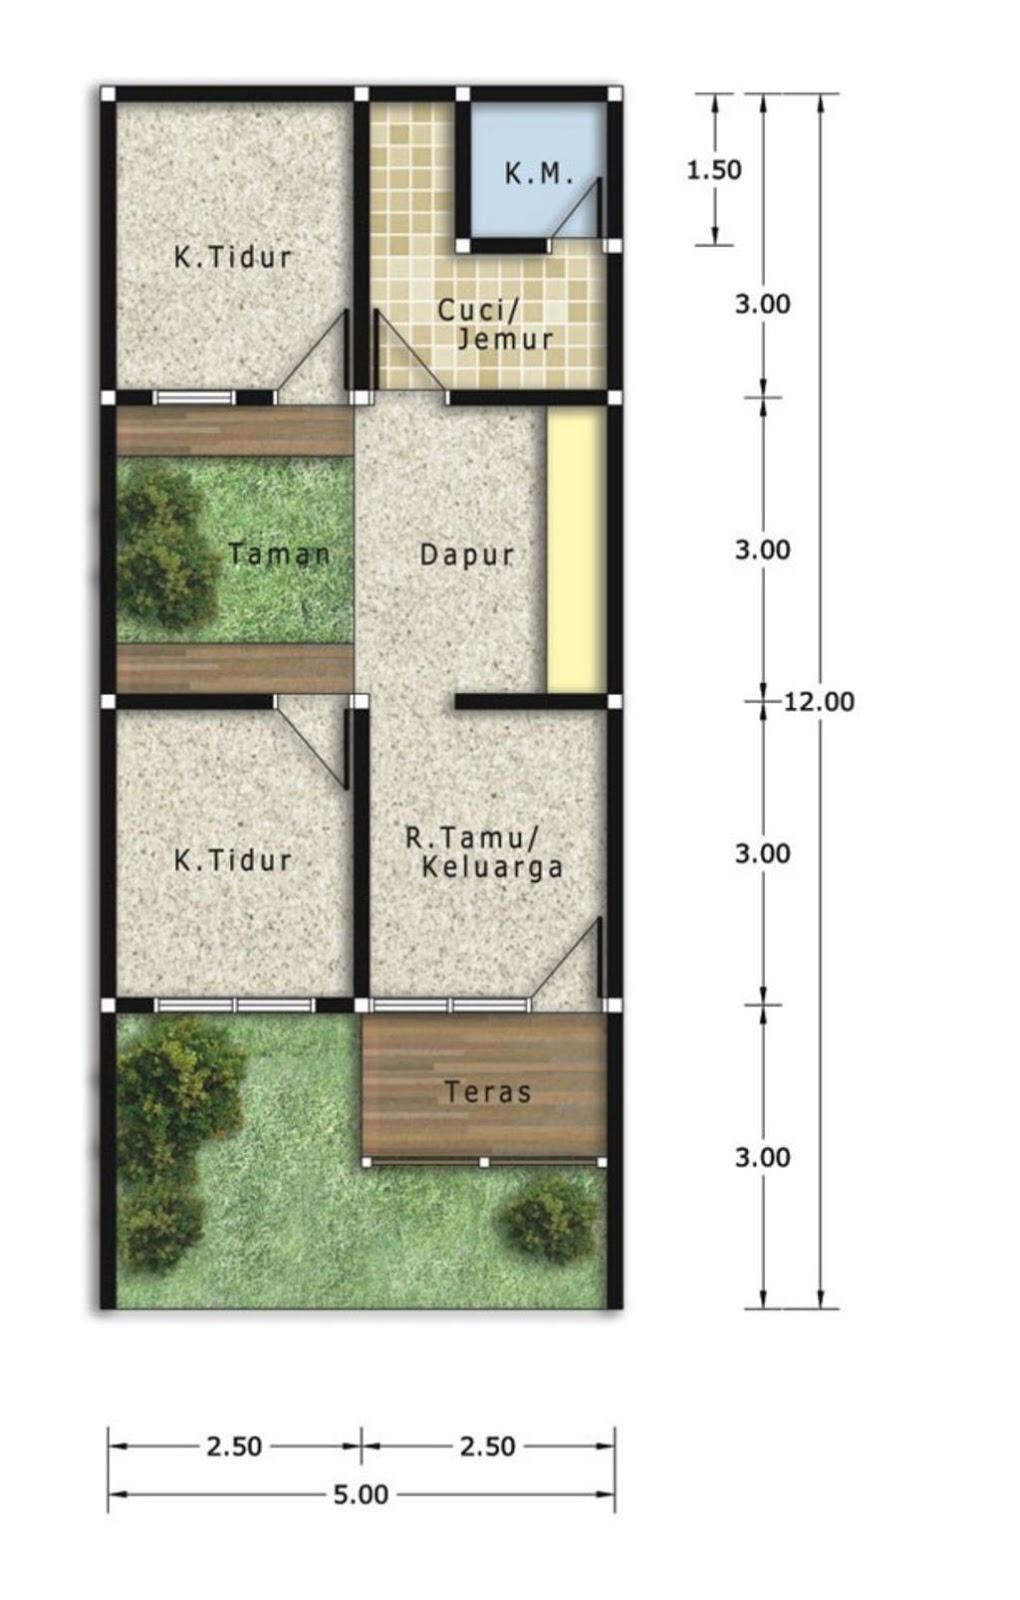 Desain Denah Rumah Tanah 72 Unik